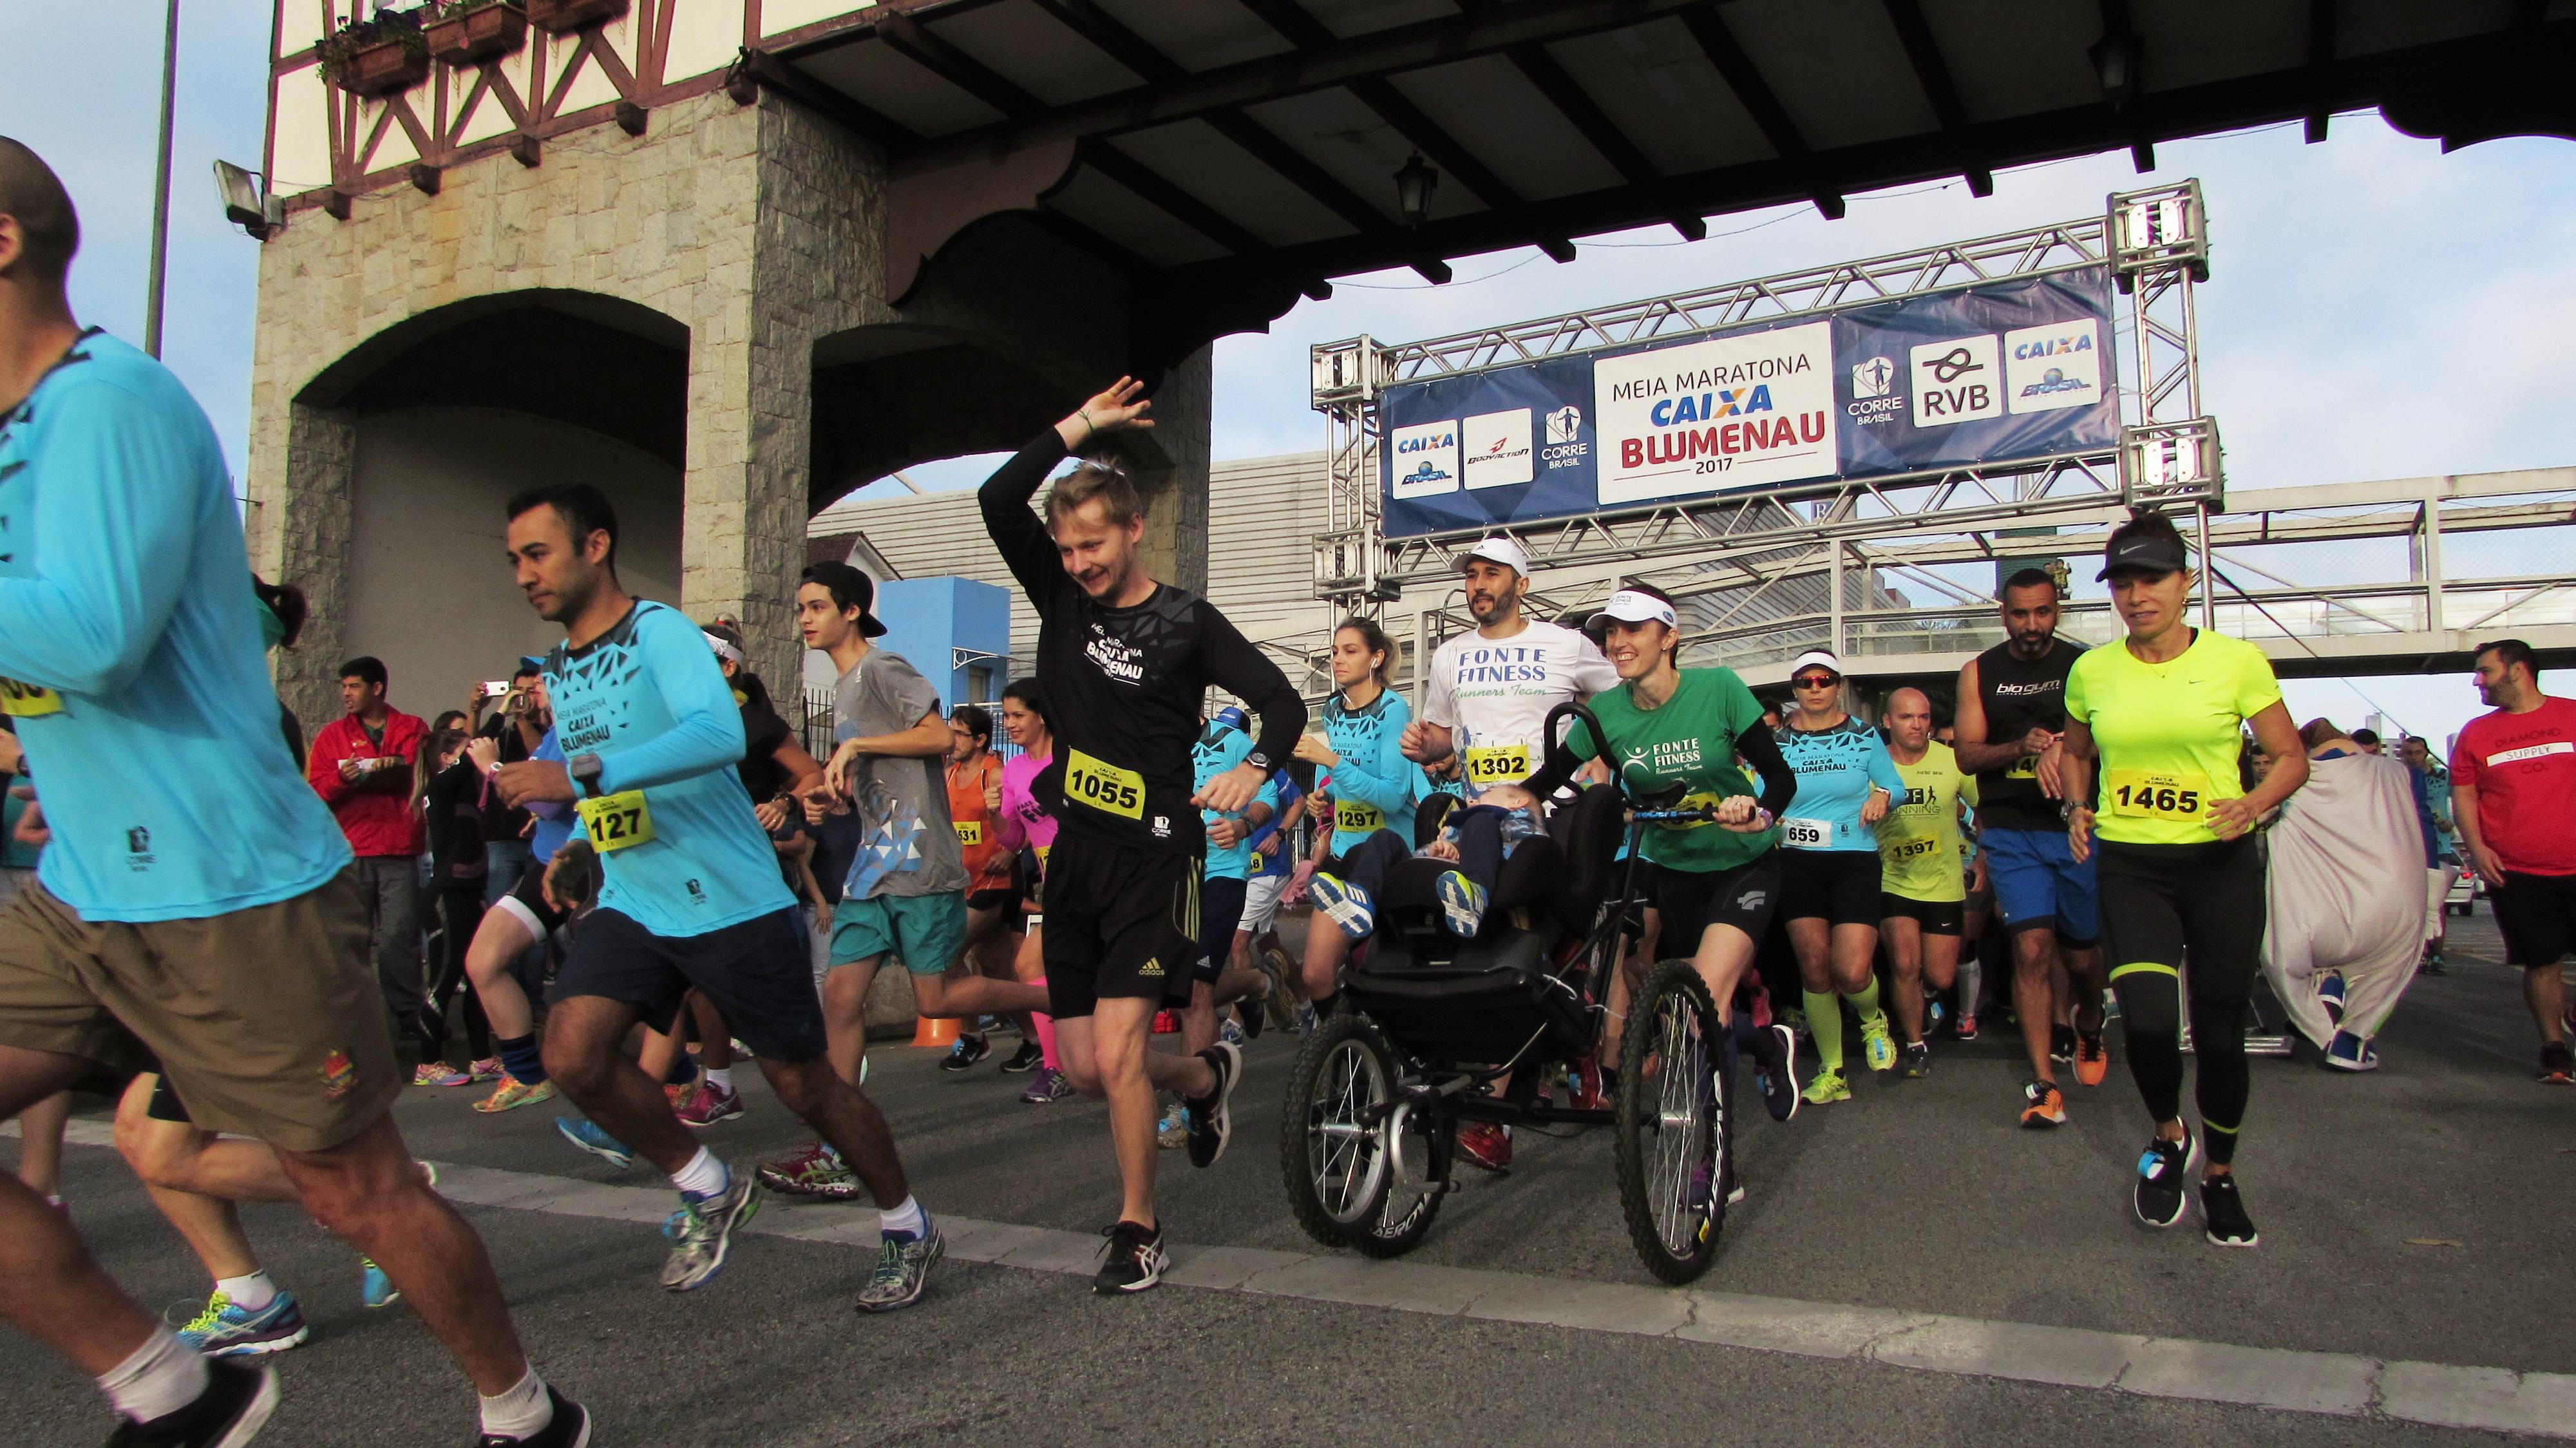 Meia Maratona de Blumenau (SC) acontece no dia 15 de julho